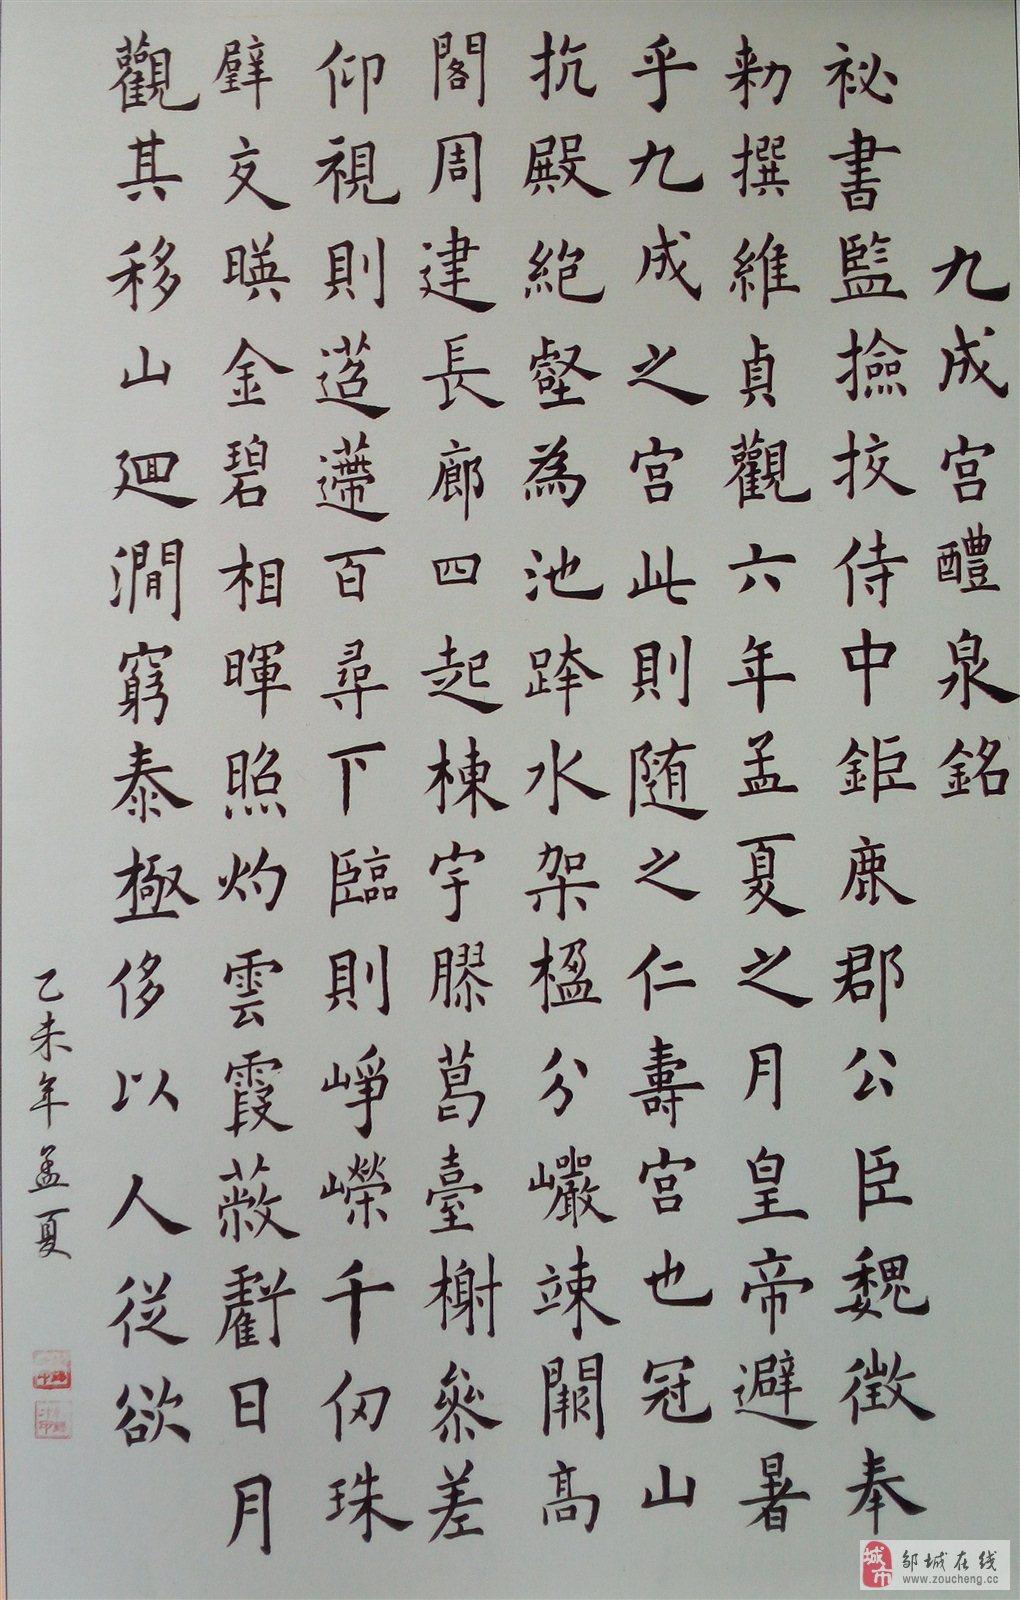 邹城地税局:韩西才先生书法作品欣赏!